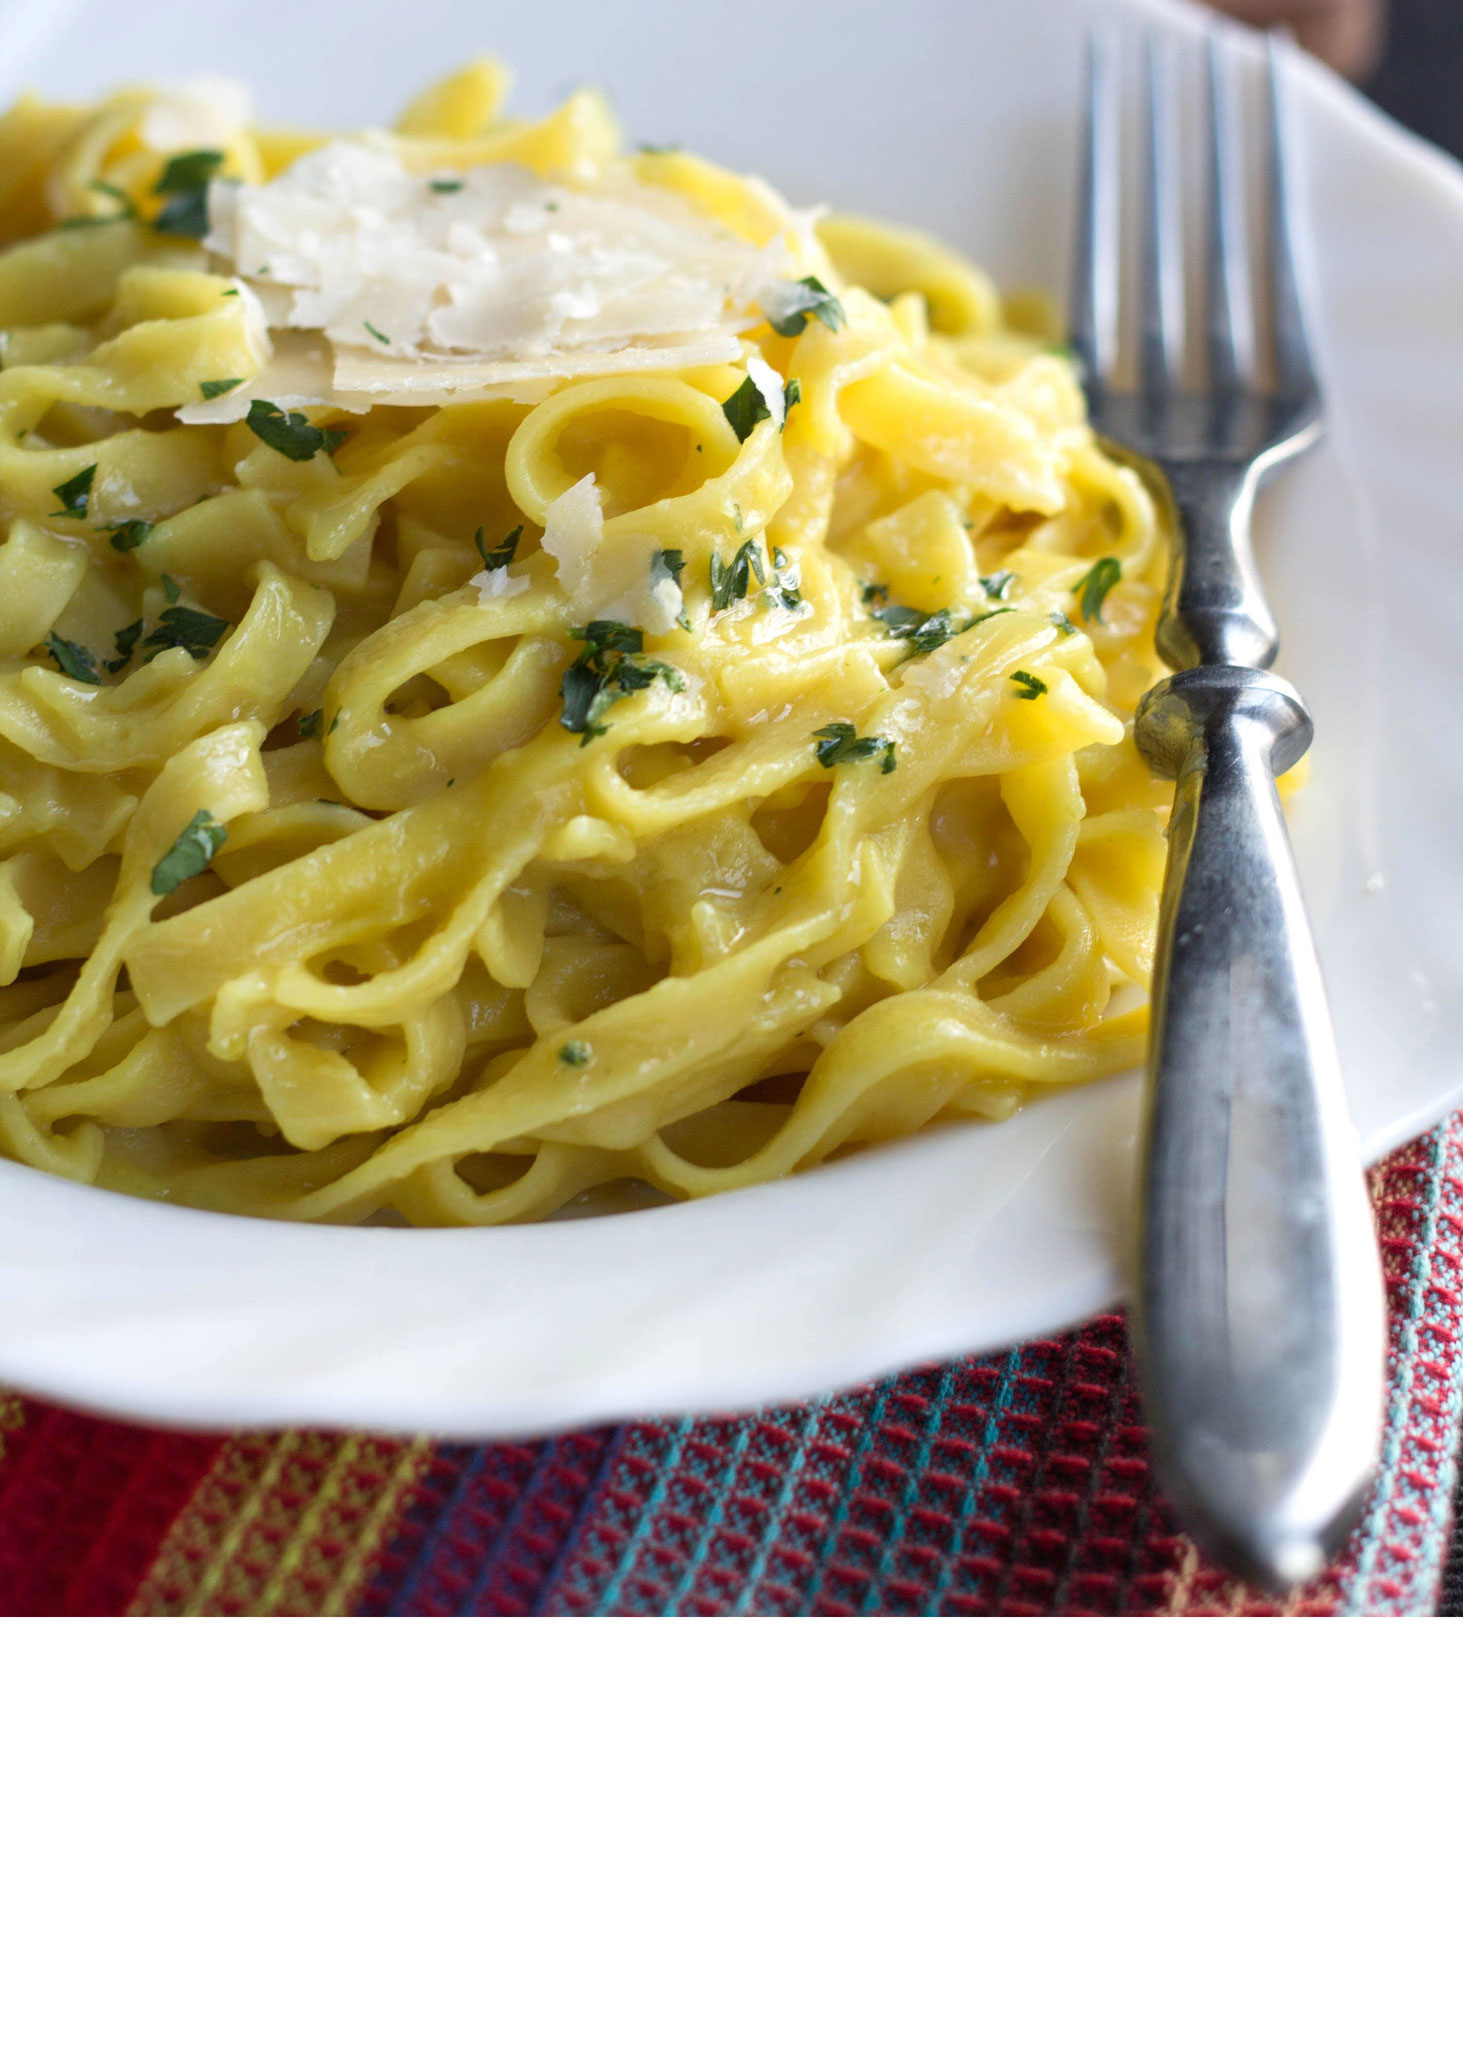 Auch Safran Gerichte können einfach gehen, wie die Safran Pasta.